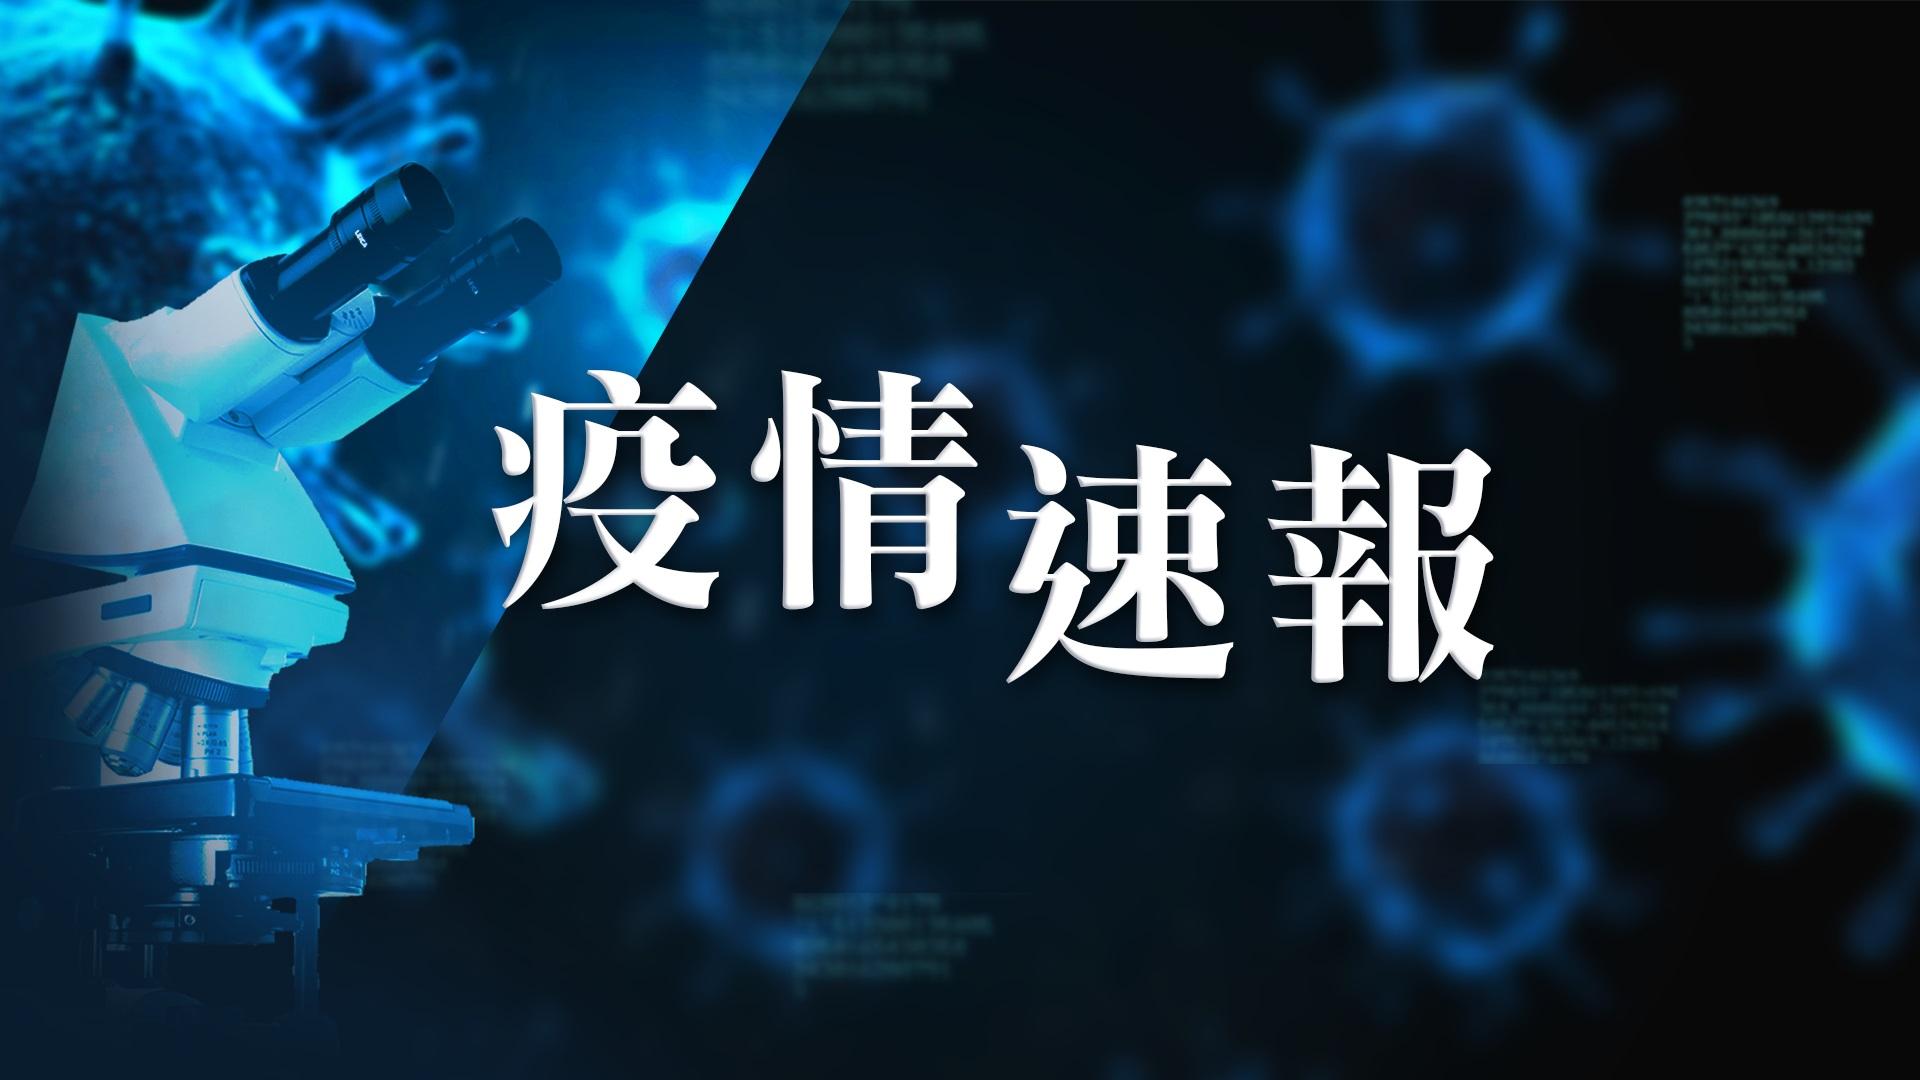 【2月23日疫情速報】 (21:00)